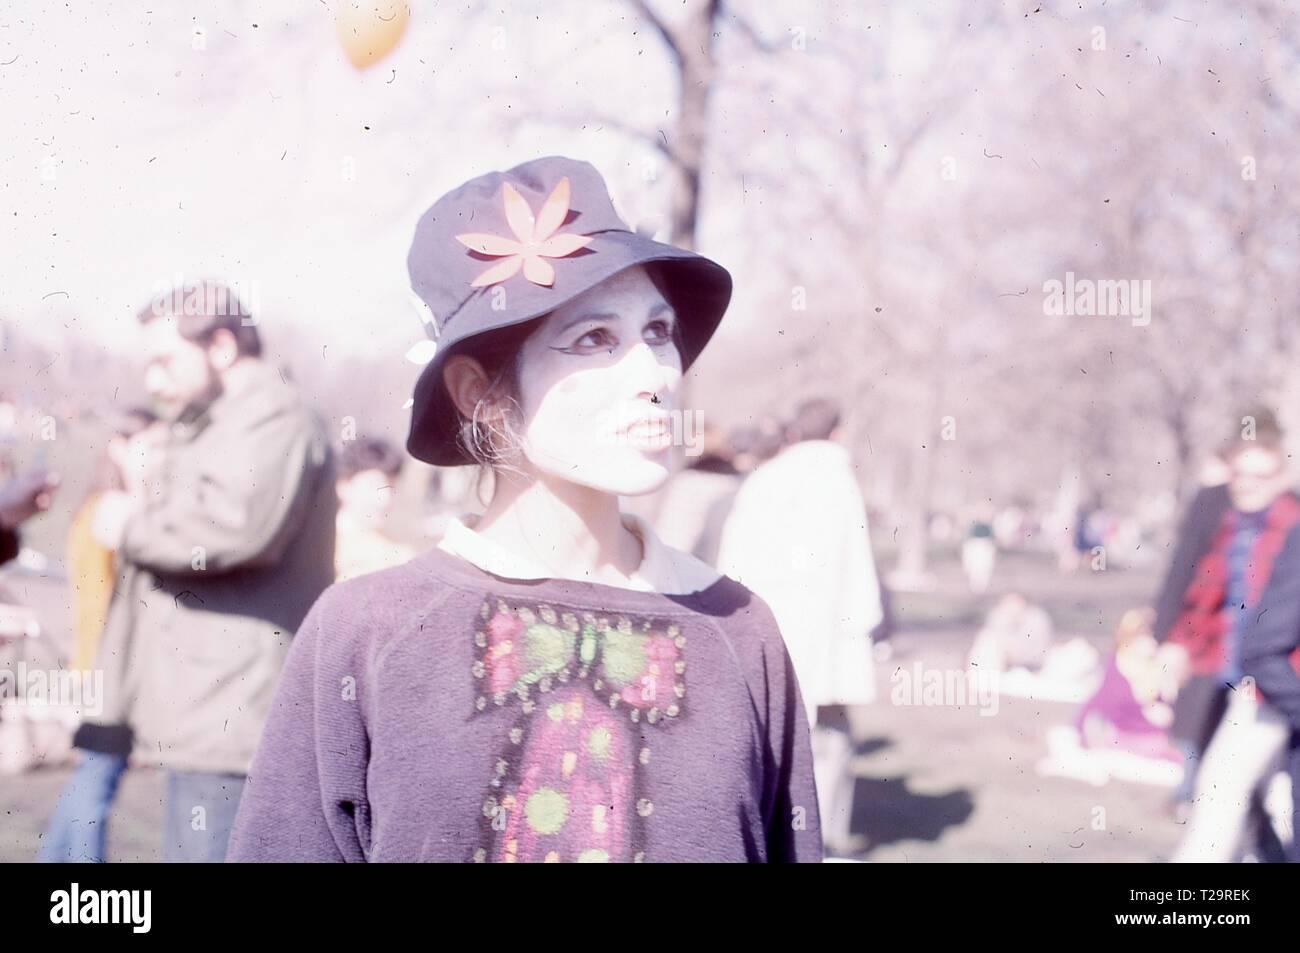 dd6a5b2fc310c Hippie Hat Imágenes De Stock   Hippie Hat Fotos De Stock - Alamy